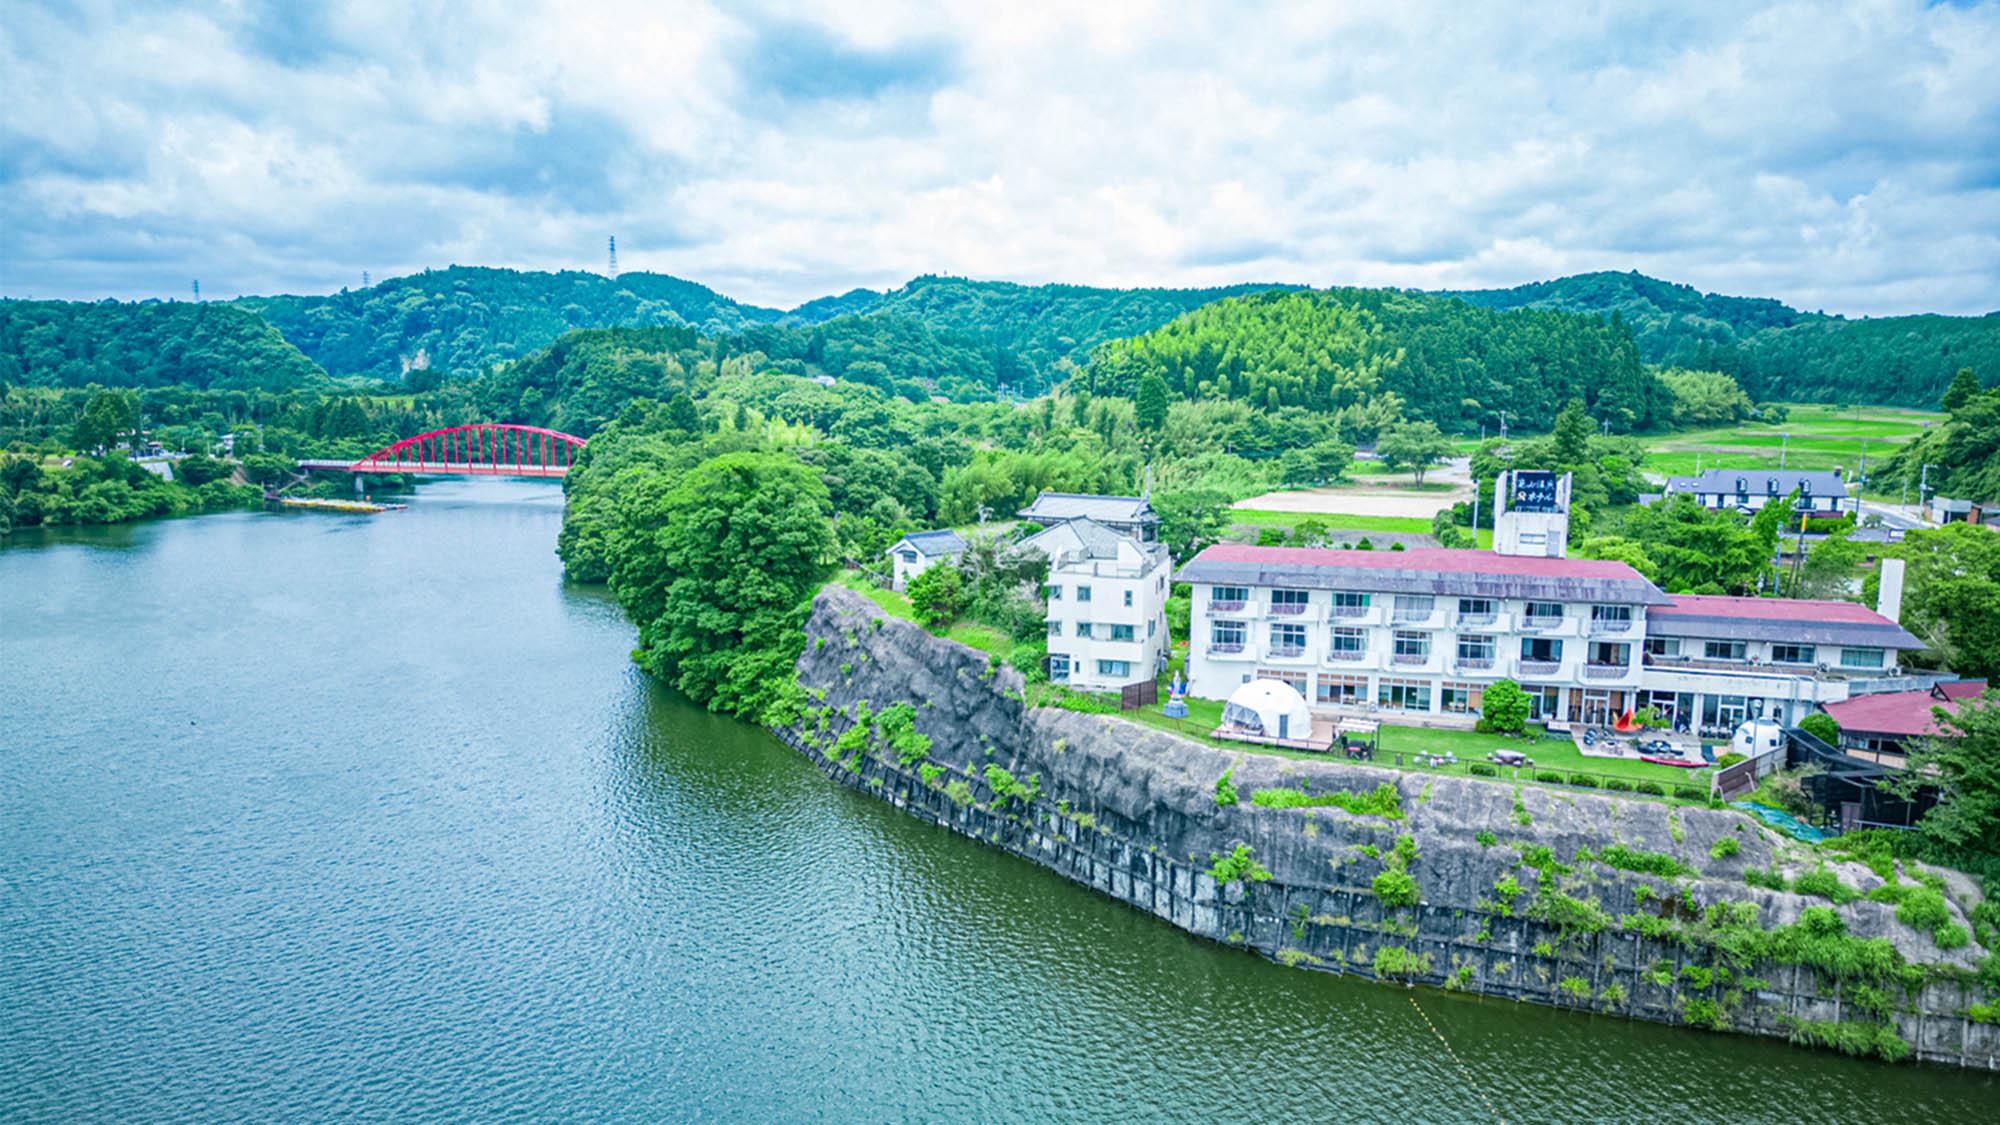 大自然の静寂と天然自噴温泉を愉しむ湯宿 亀山温泉ホテル...